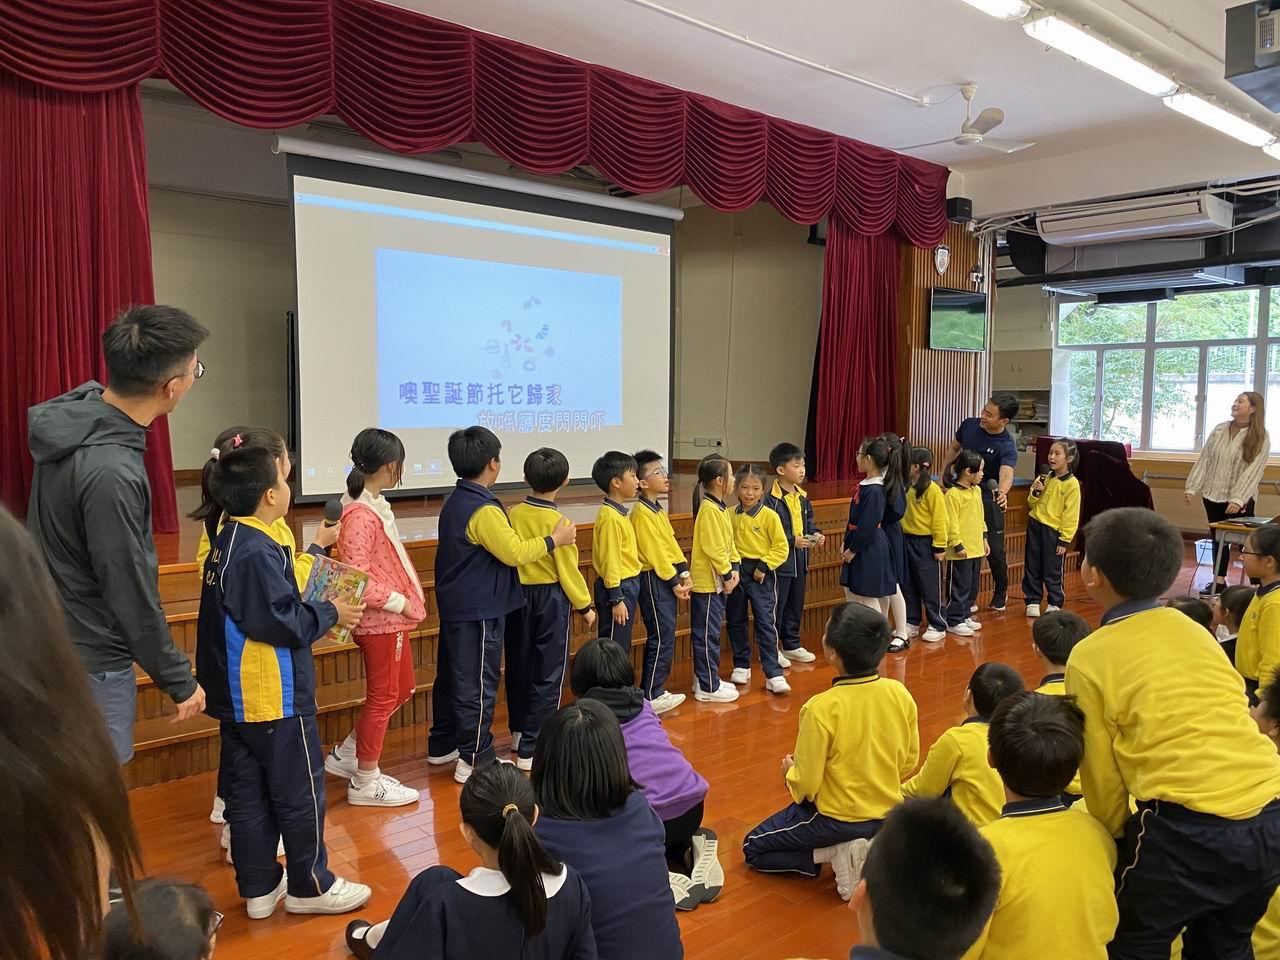 https://www.plkcjy.edu.hk/sites/default/files/img_9140.jpg